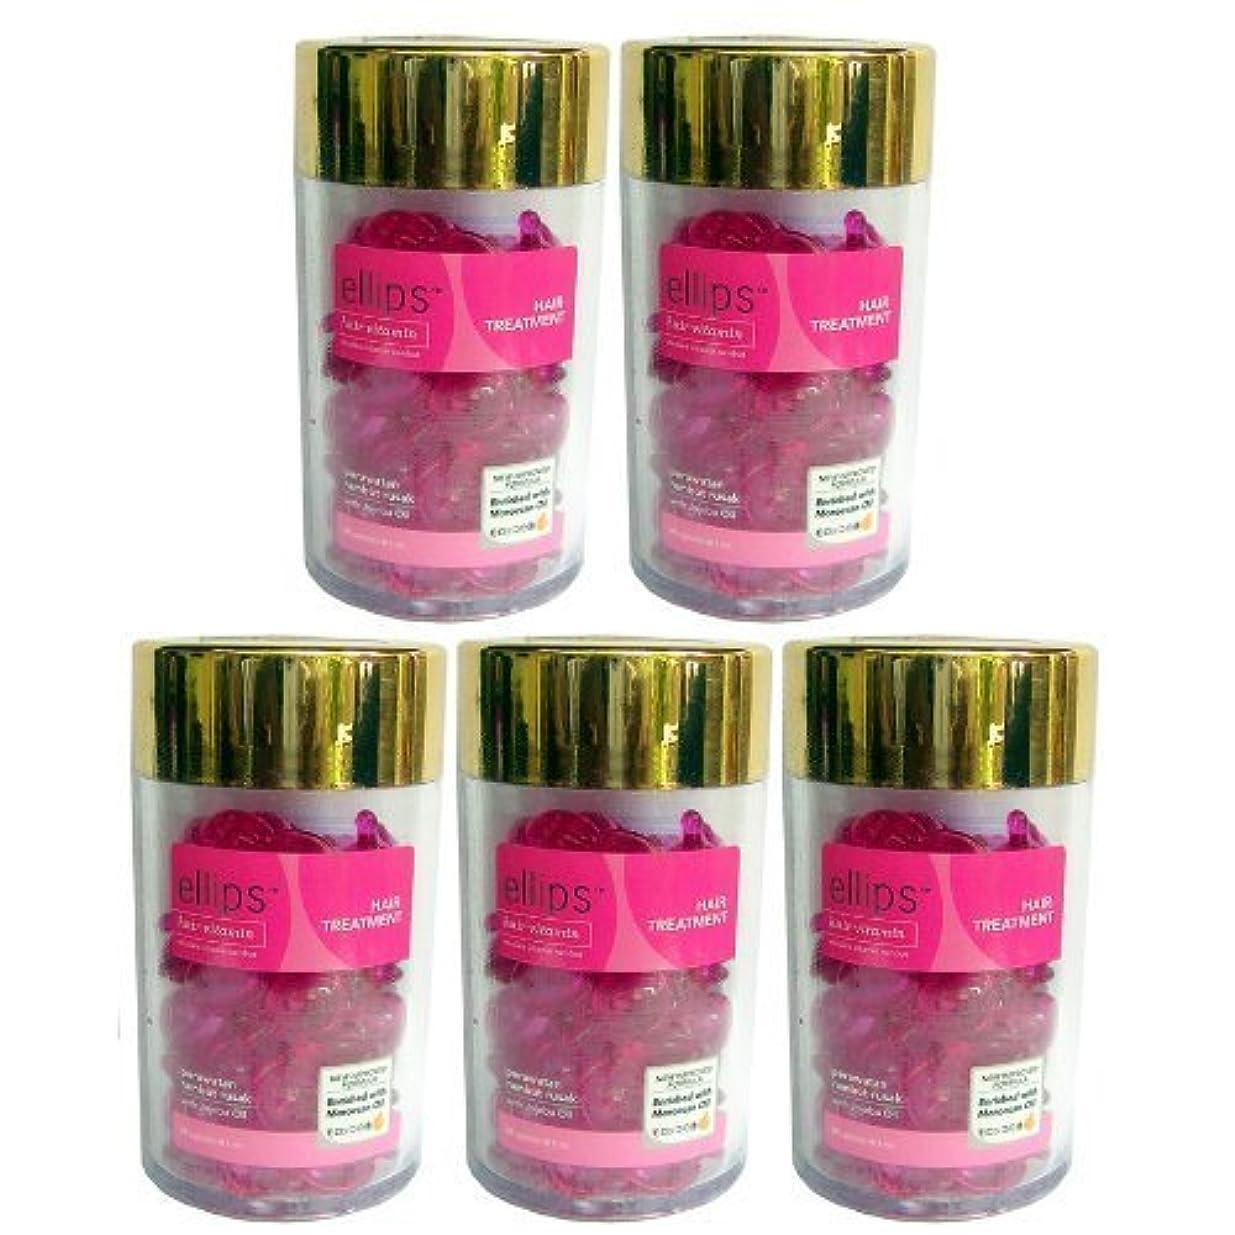 ループ気づかない意味するエリップス ellips ヘアビタミン洗い流さないヘアトリートメント(並行輸入品) (ピンク5本) [並行輸入品]